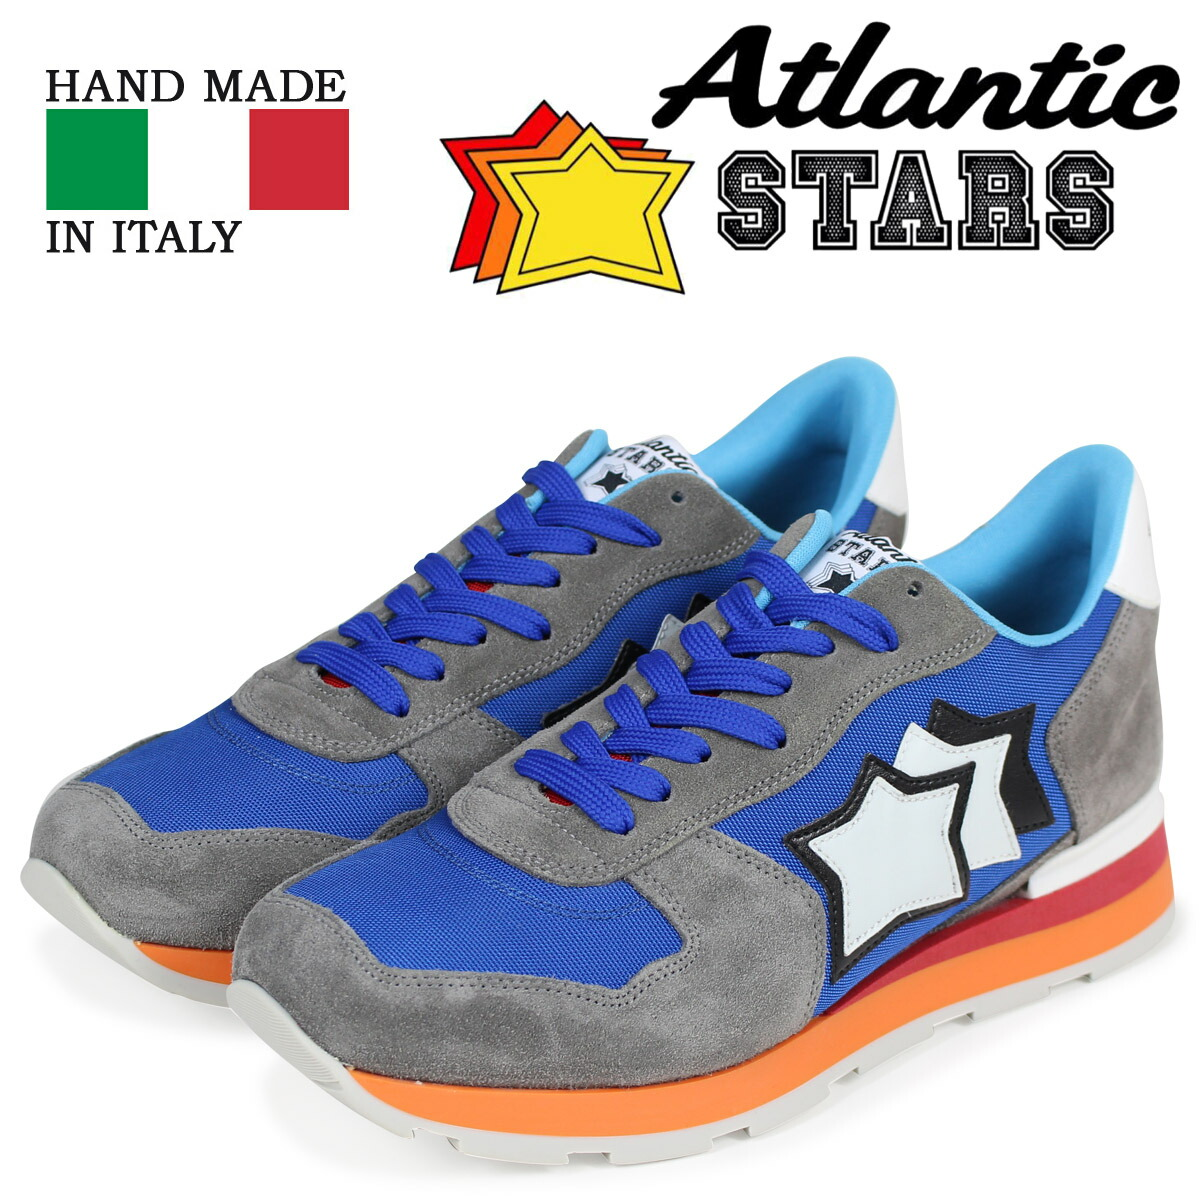 アトランティックスターズ メンズ スニーカー Atlantic STARS アンタレス ANTARES ANR-85B ブルー [2/9 新入荷]